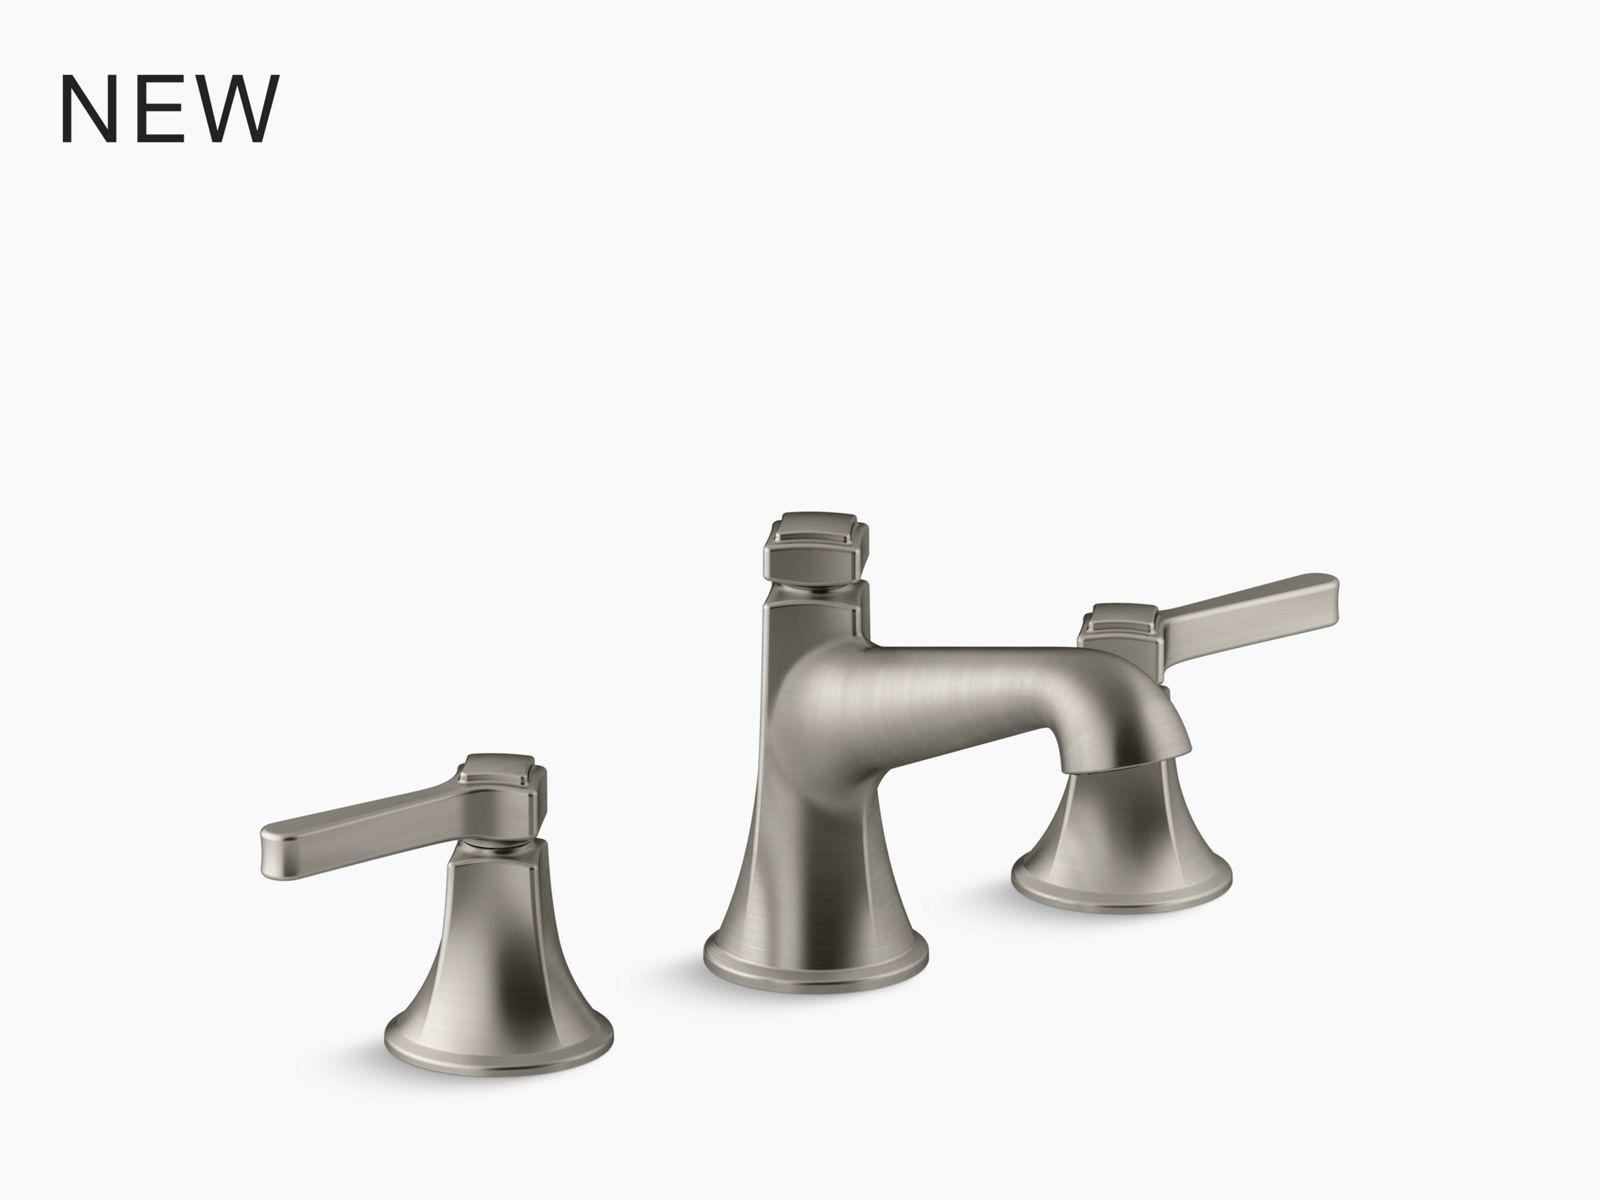 gilford 30 x 22 x 17 1 2 wall mount top mount single bowl kitchen sink